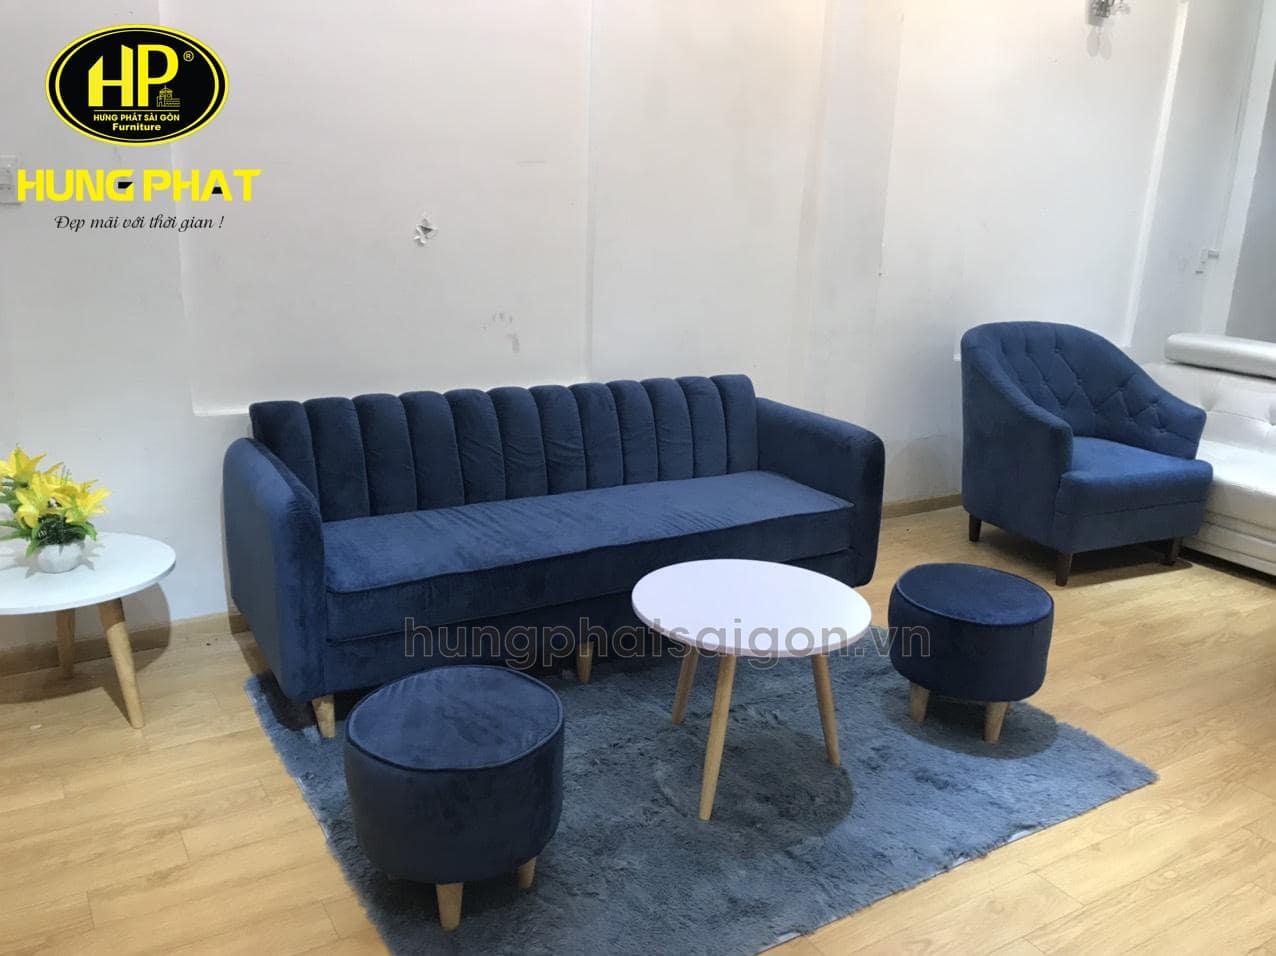 sofa spa đa dạng kiểu dáng kích thước